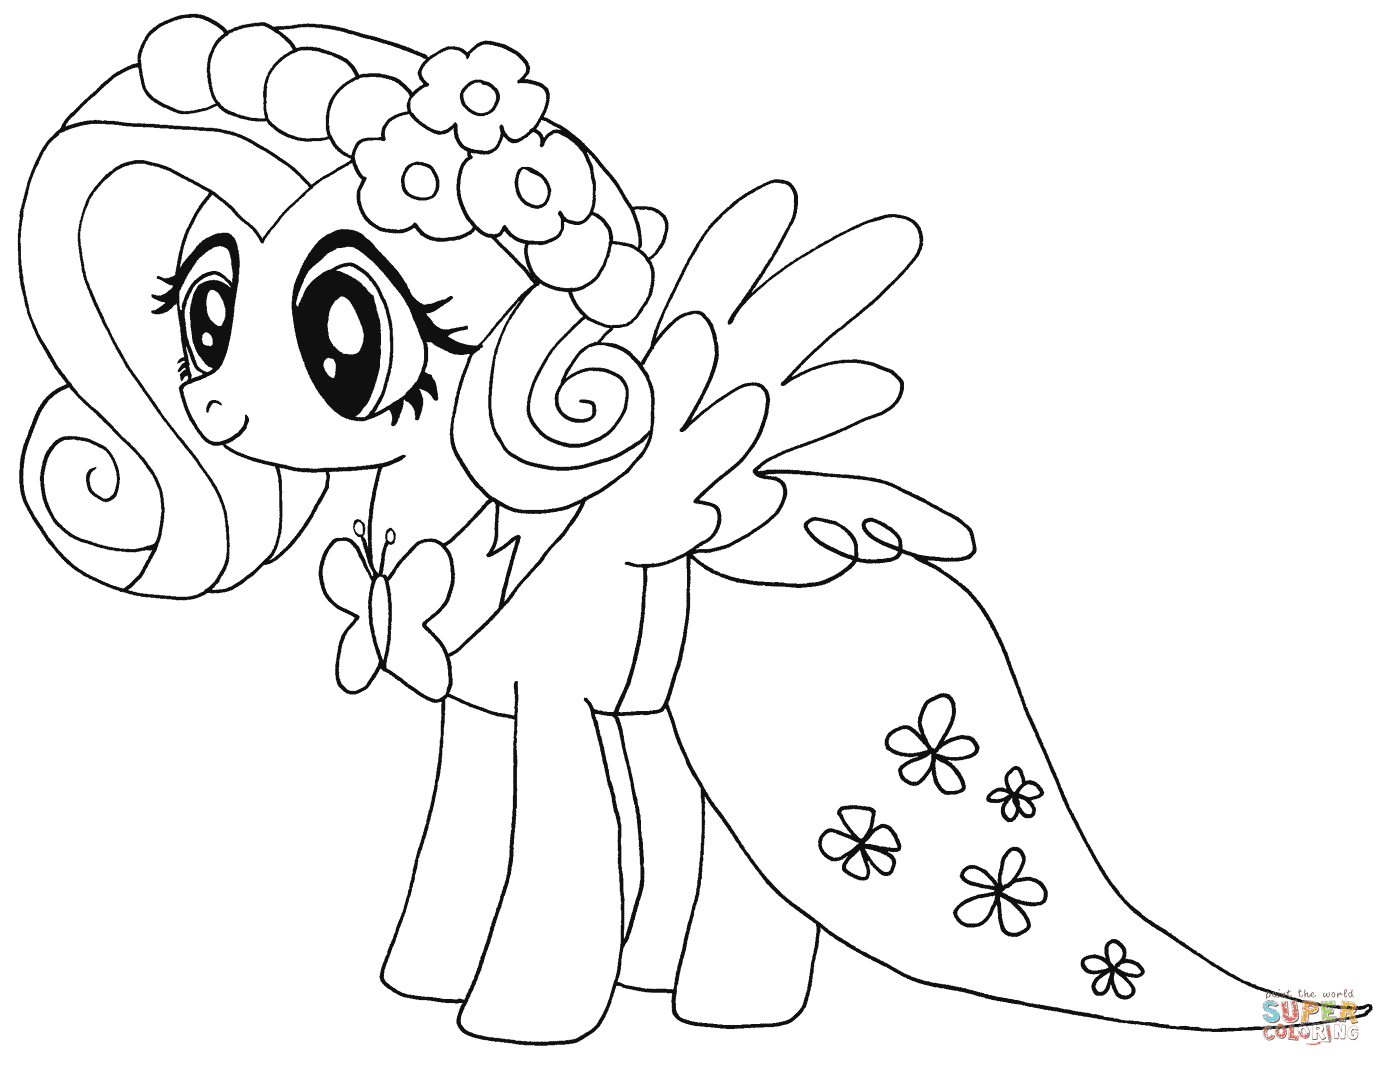 Dibujos De My Little Pony La Magia De La Amistad Para Colorear